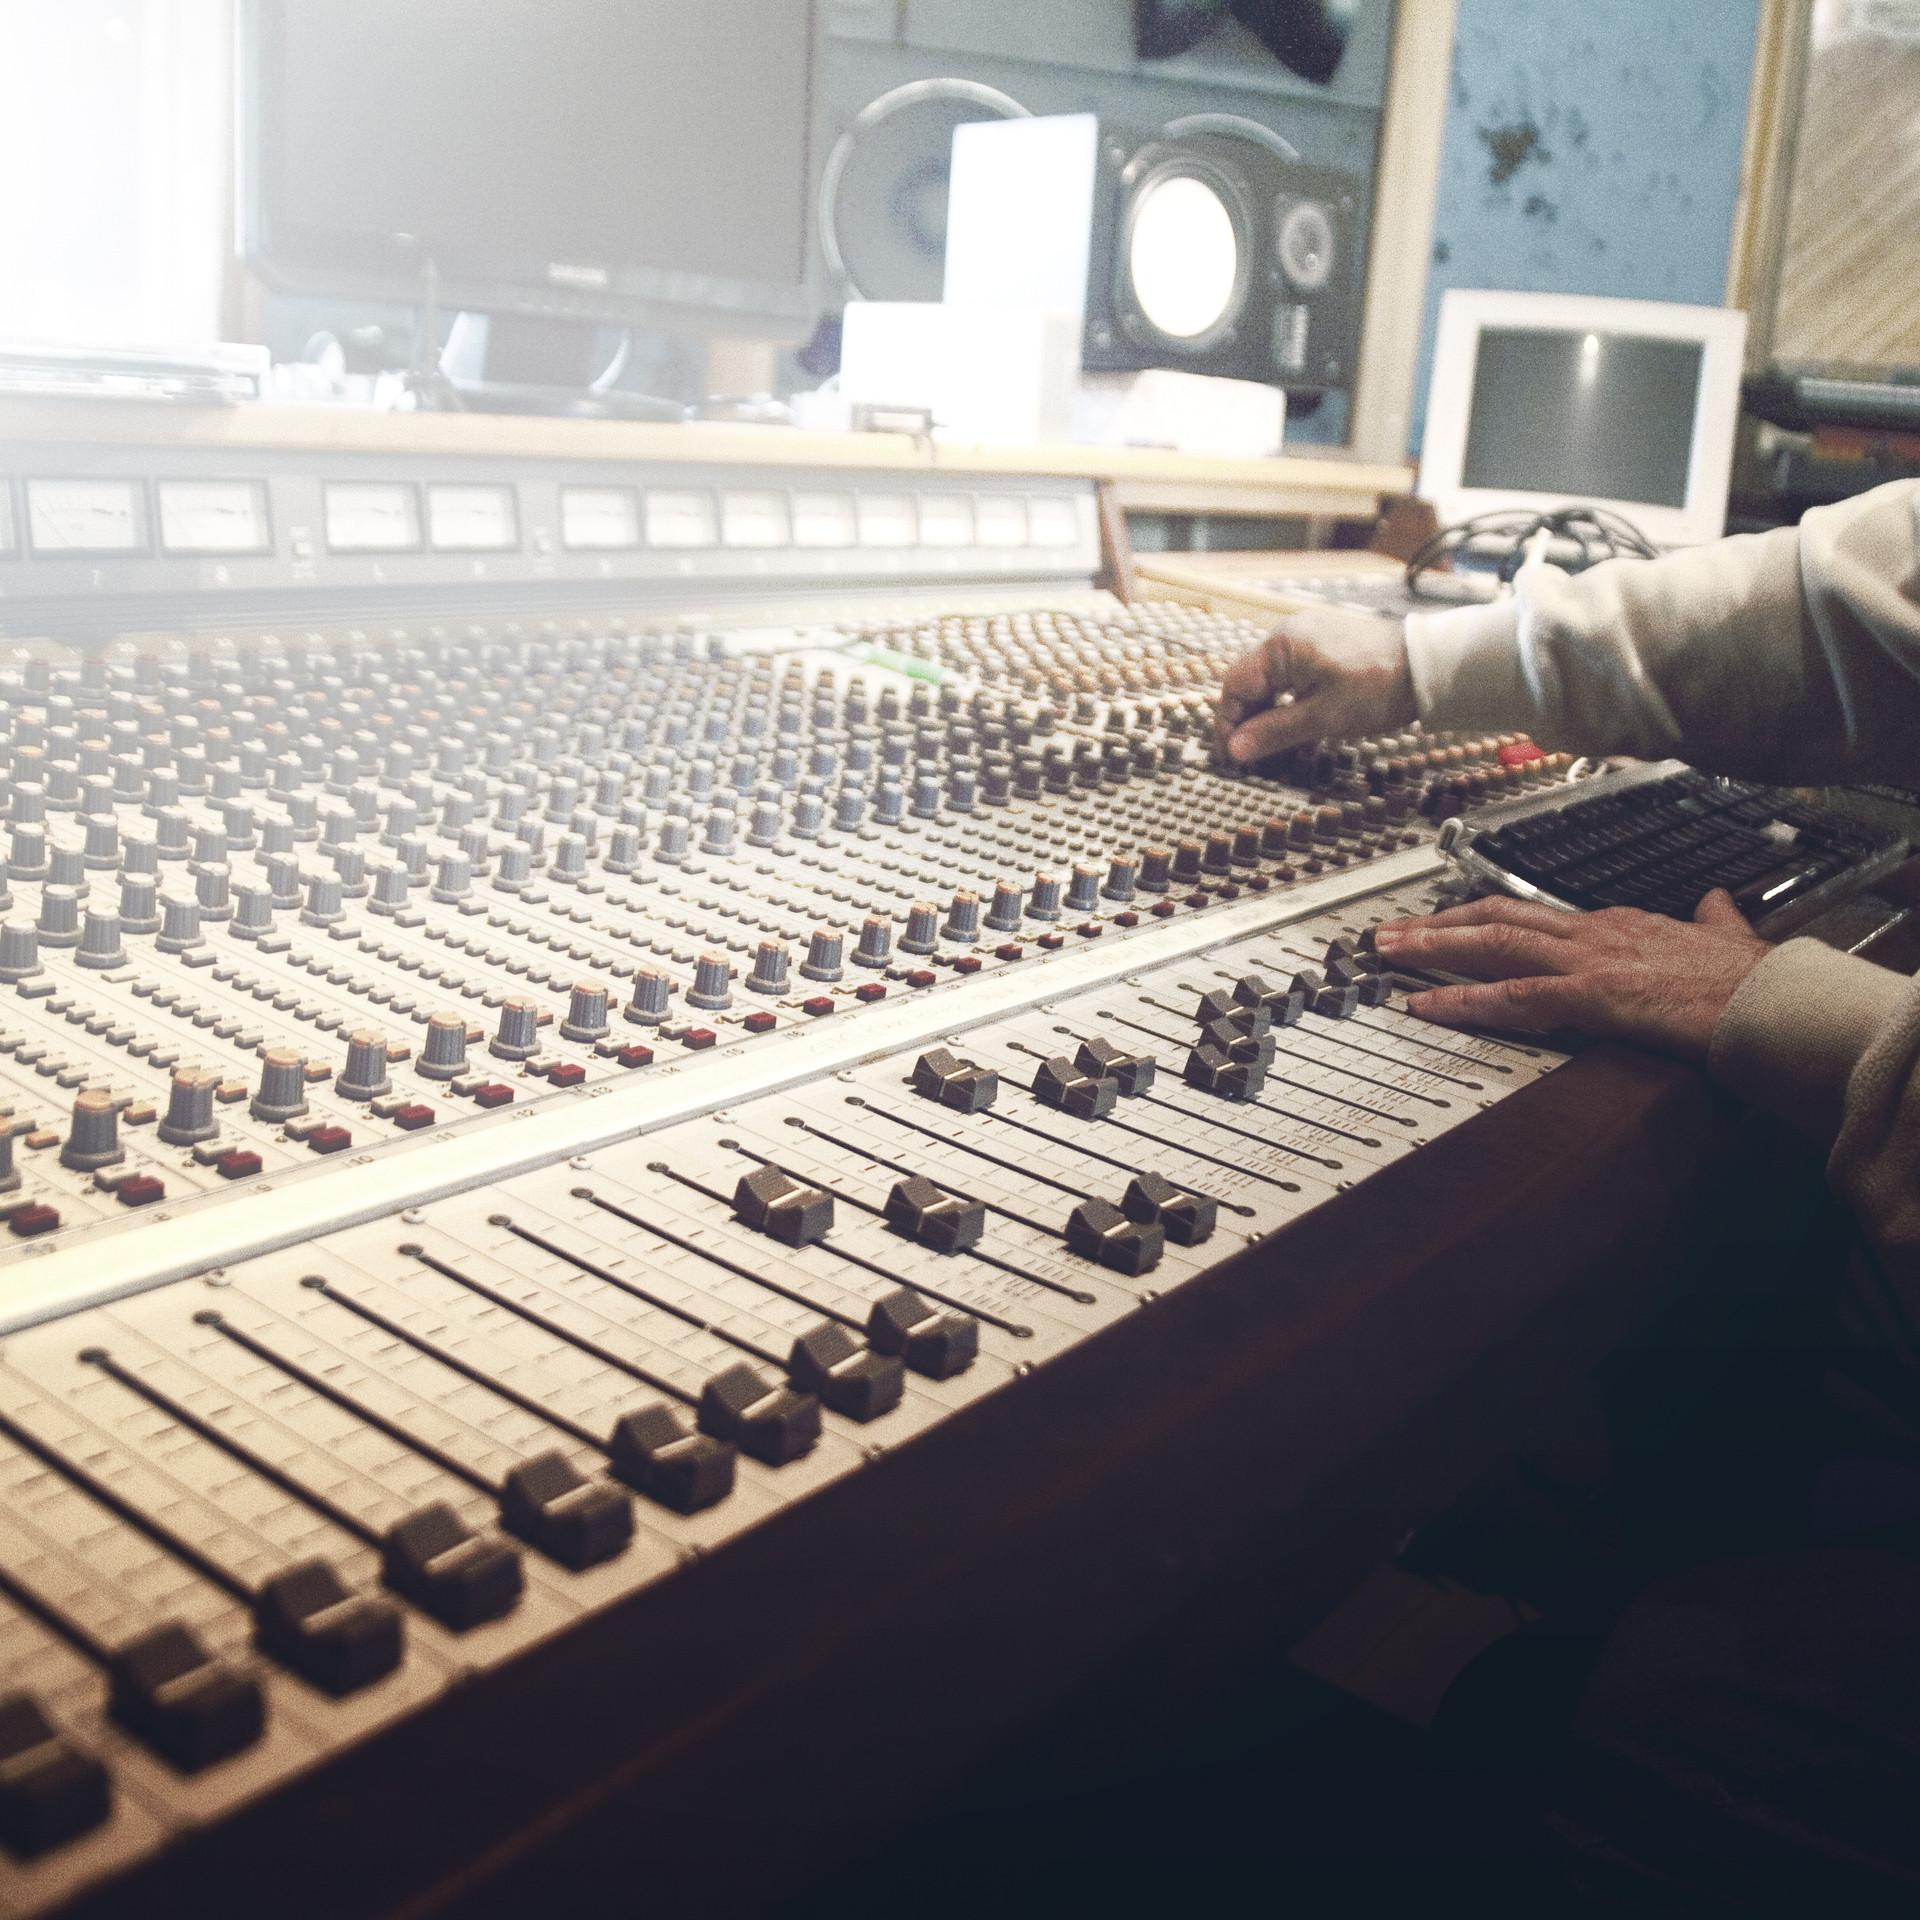 sound-studio-407216.jpg